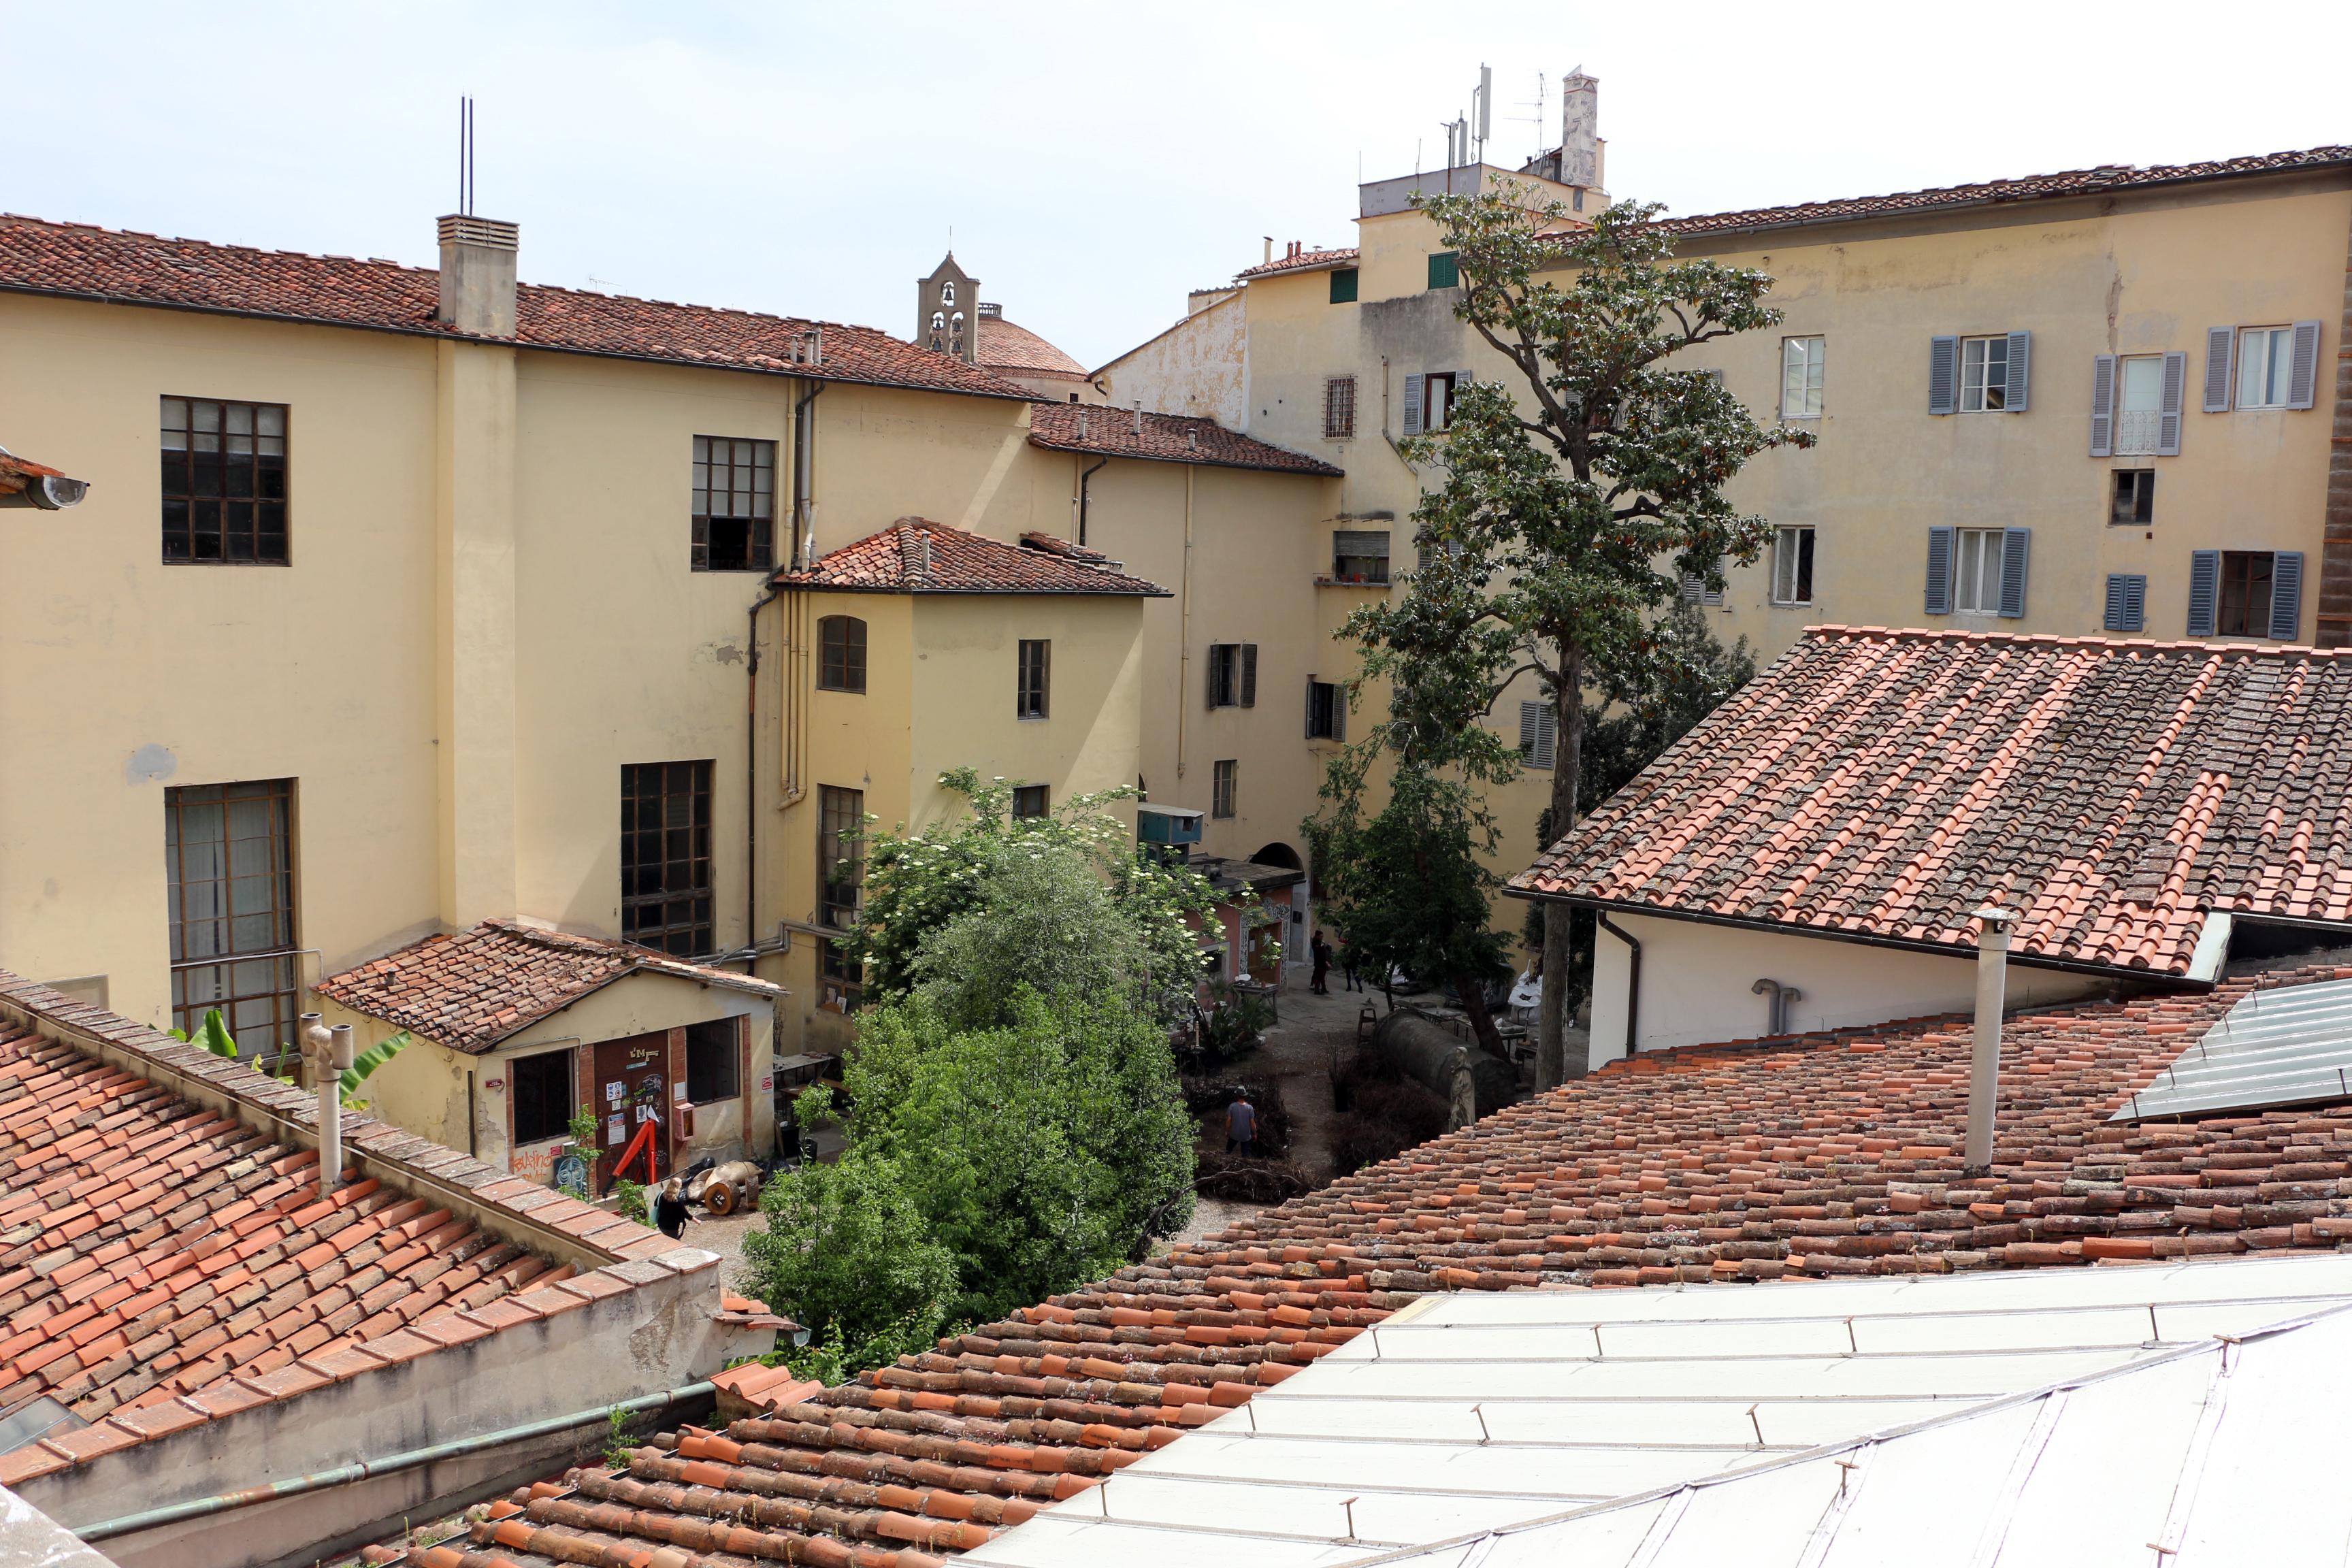 Fileaccademia di firenze veduta sul cortile del museo dell fileaccademia di firenze veduta sul cortile del museo dellaccademia 01 sciox Image collections